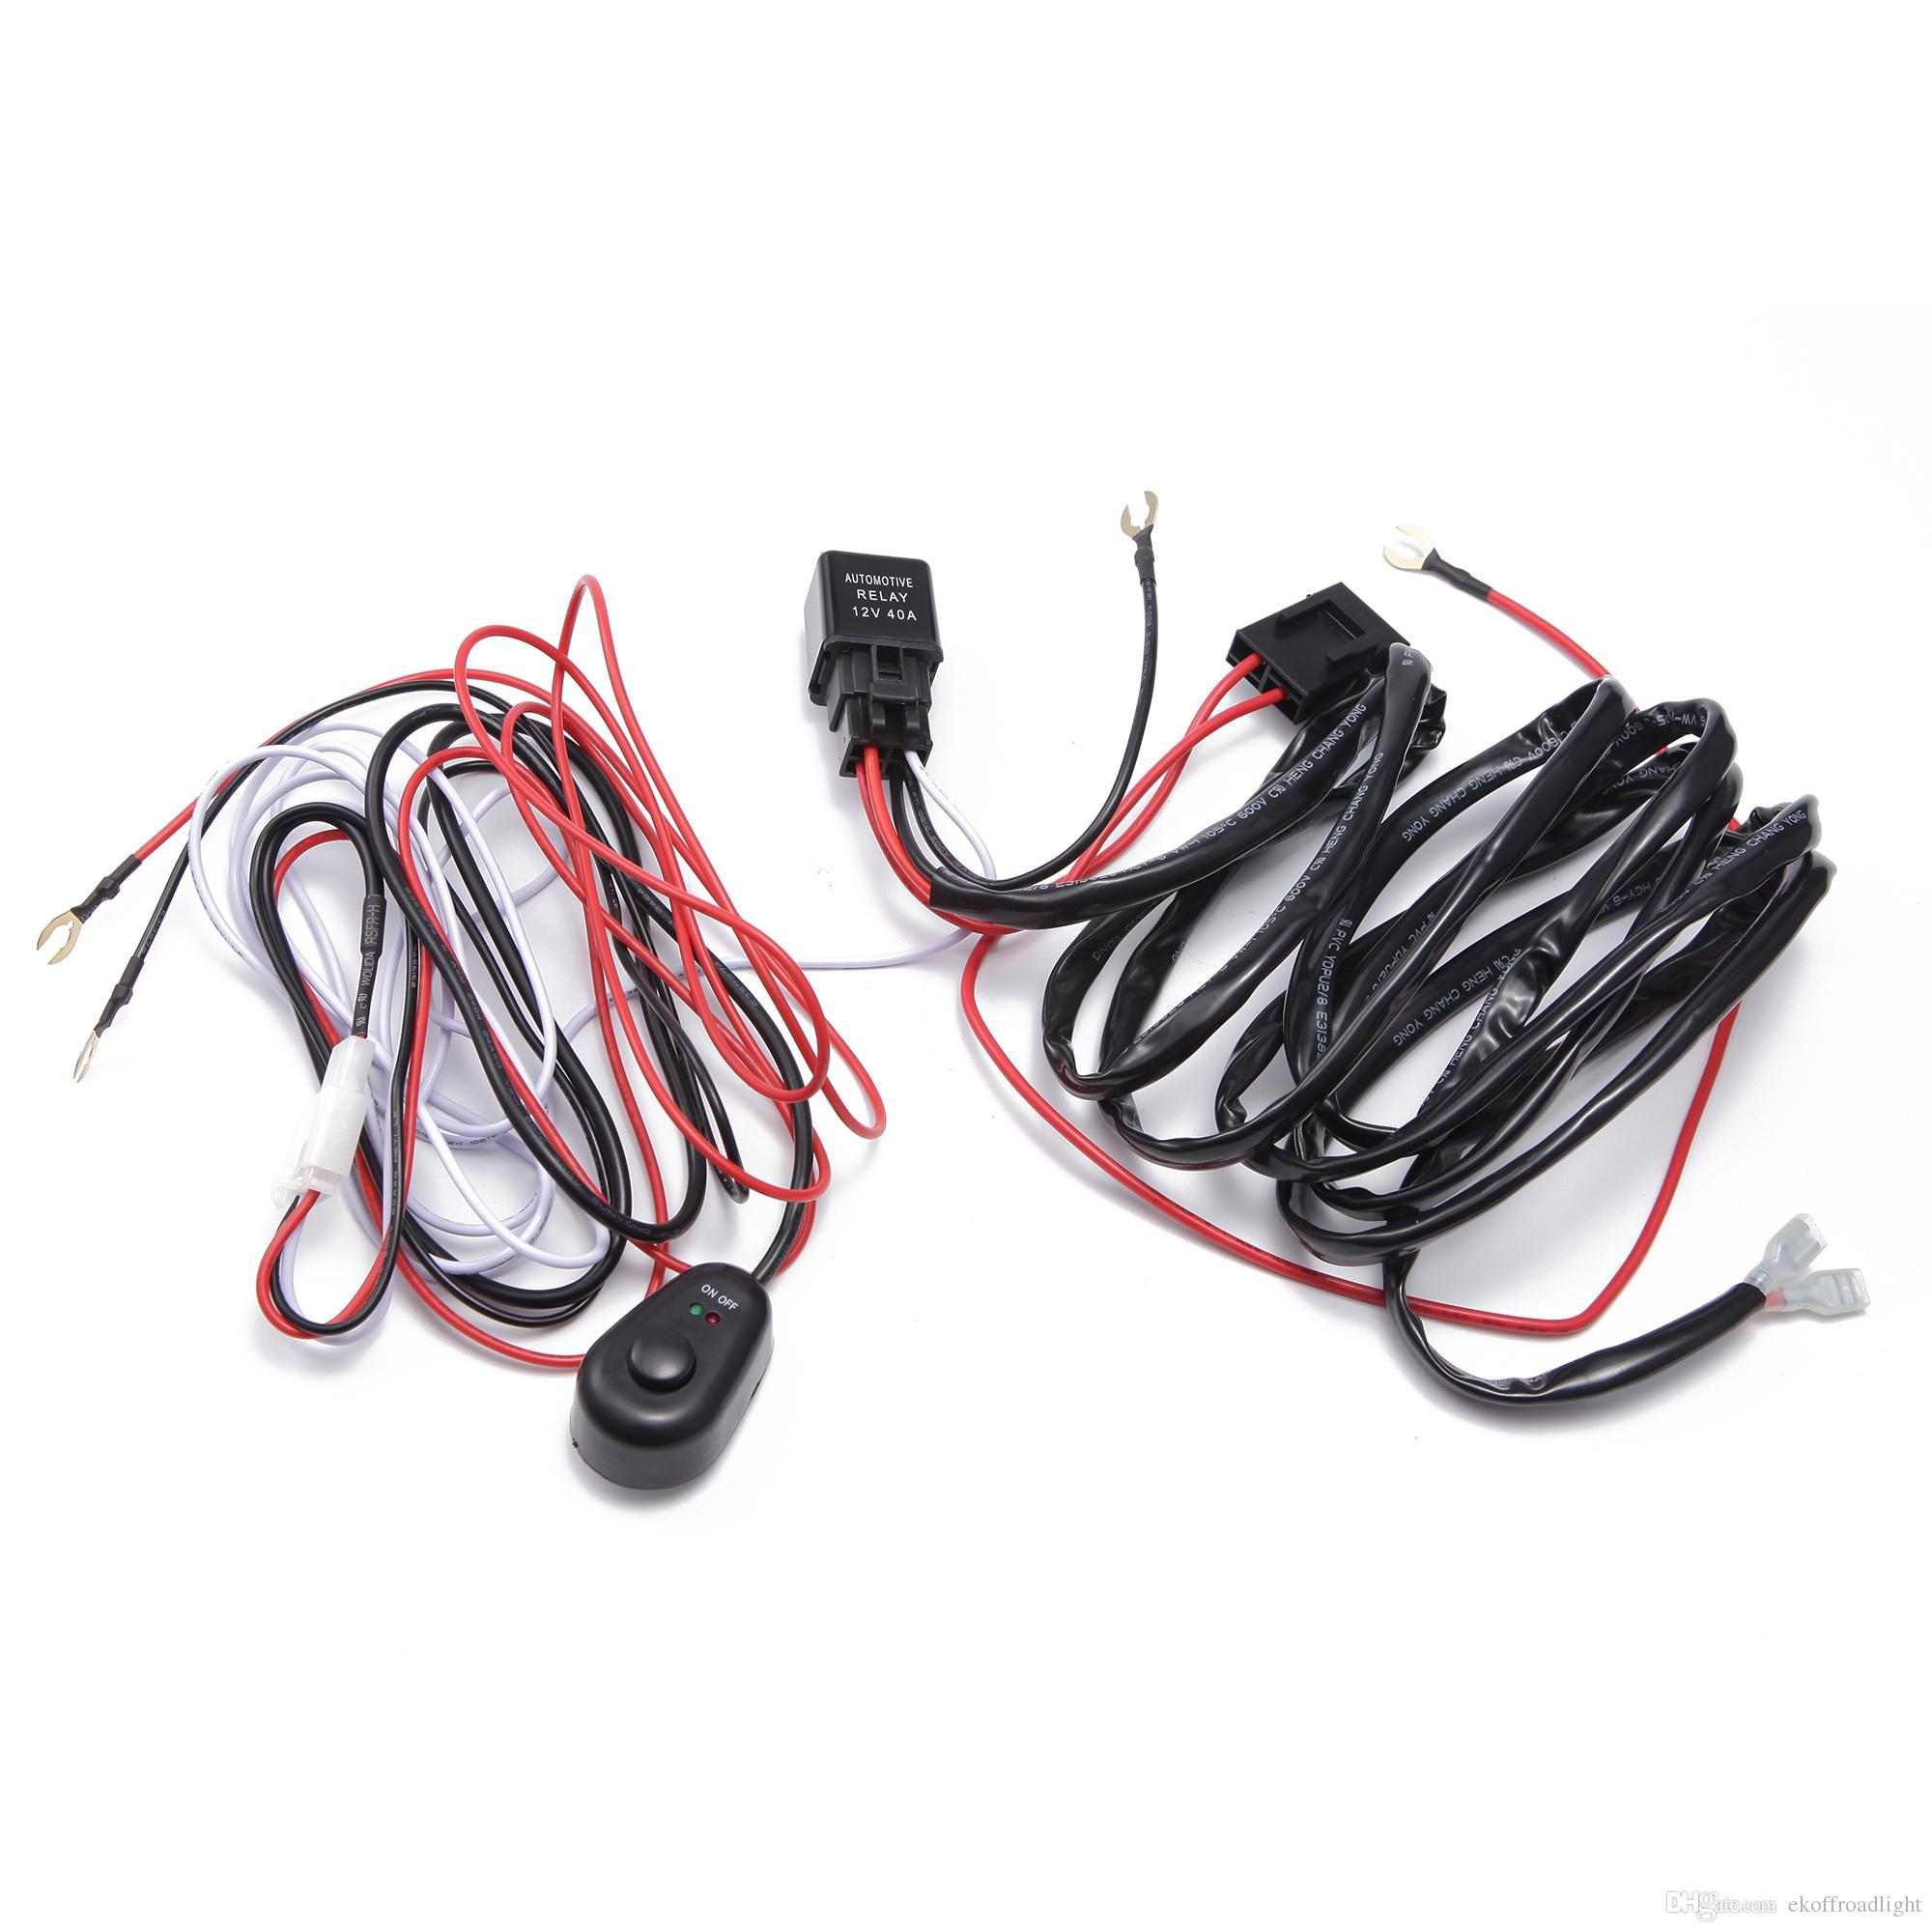 2019 ECAHAYAKU Car LED Light Bar Wire 2M 12v 24v 40A Wiring Harness on h and m bag, h and m wetsuit, h and m tower, h and m horse, h and m vest, h and m boots, h and m backpack, h and m furniture, h and m tube, h and m tumblr,